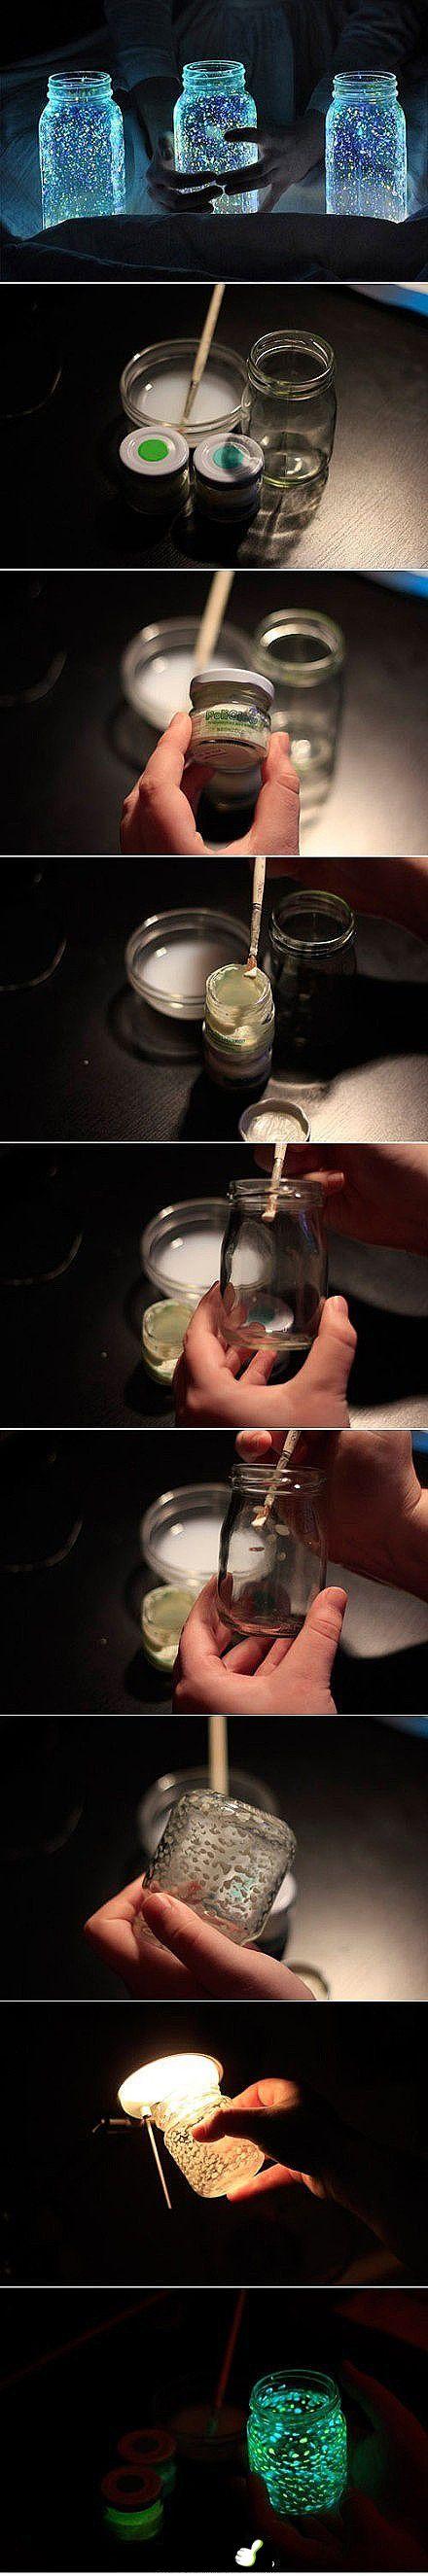 Lucioles de verre